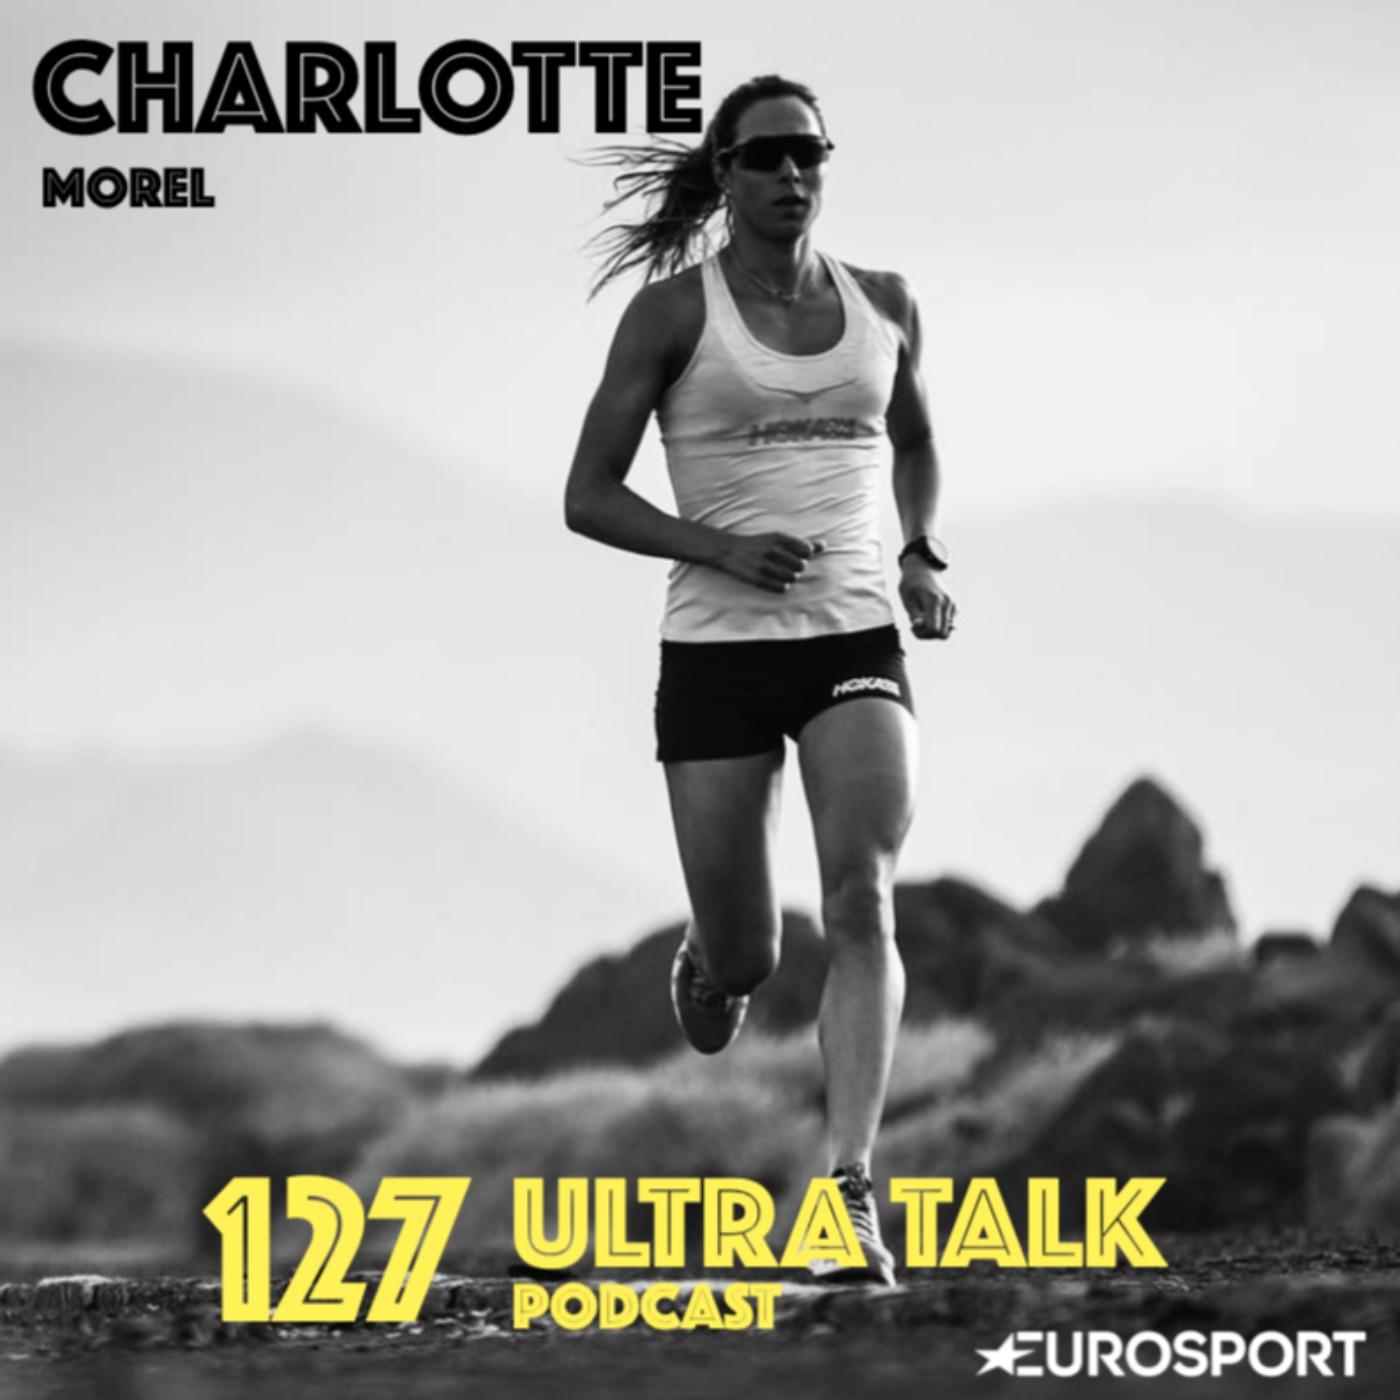 """Charlotte Morel : """"L'impact de 4h de home trainer par rapport à 4h de vélo en extérieur, c'est pas du tout le même"""""""